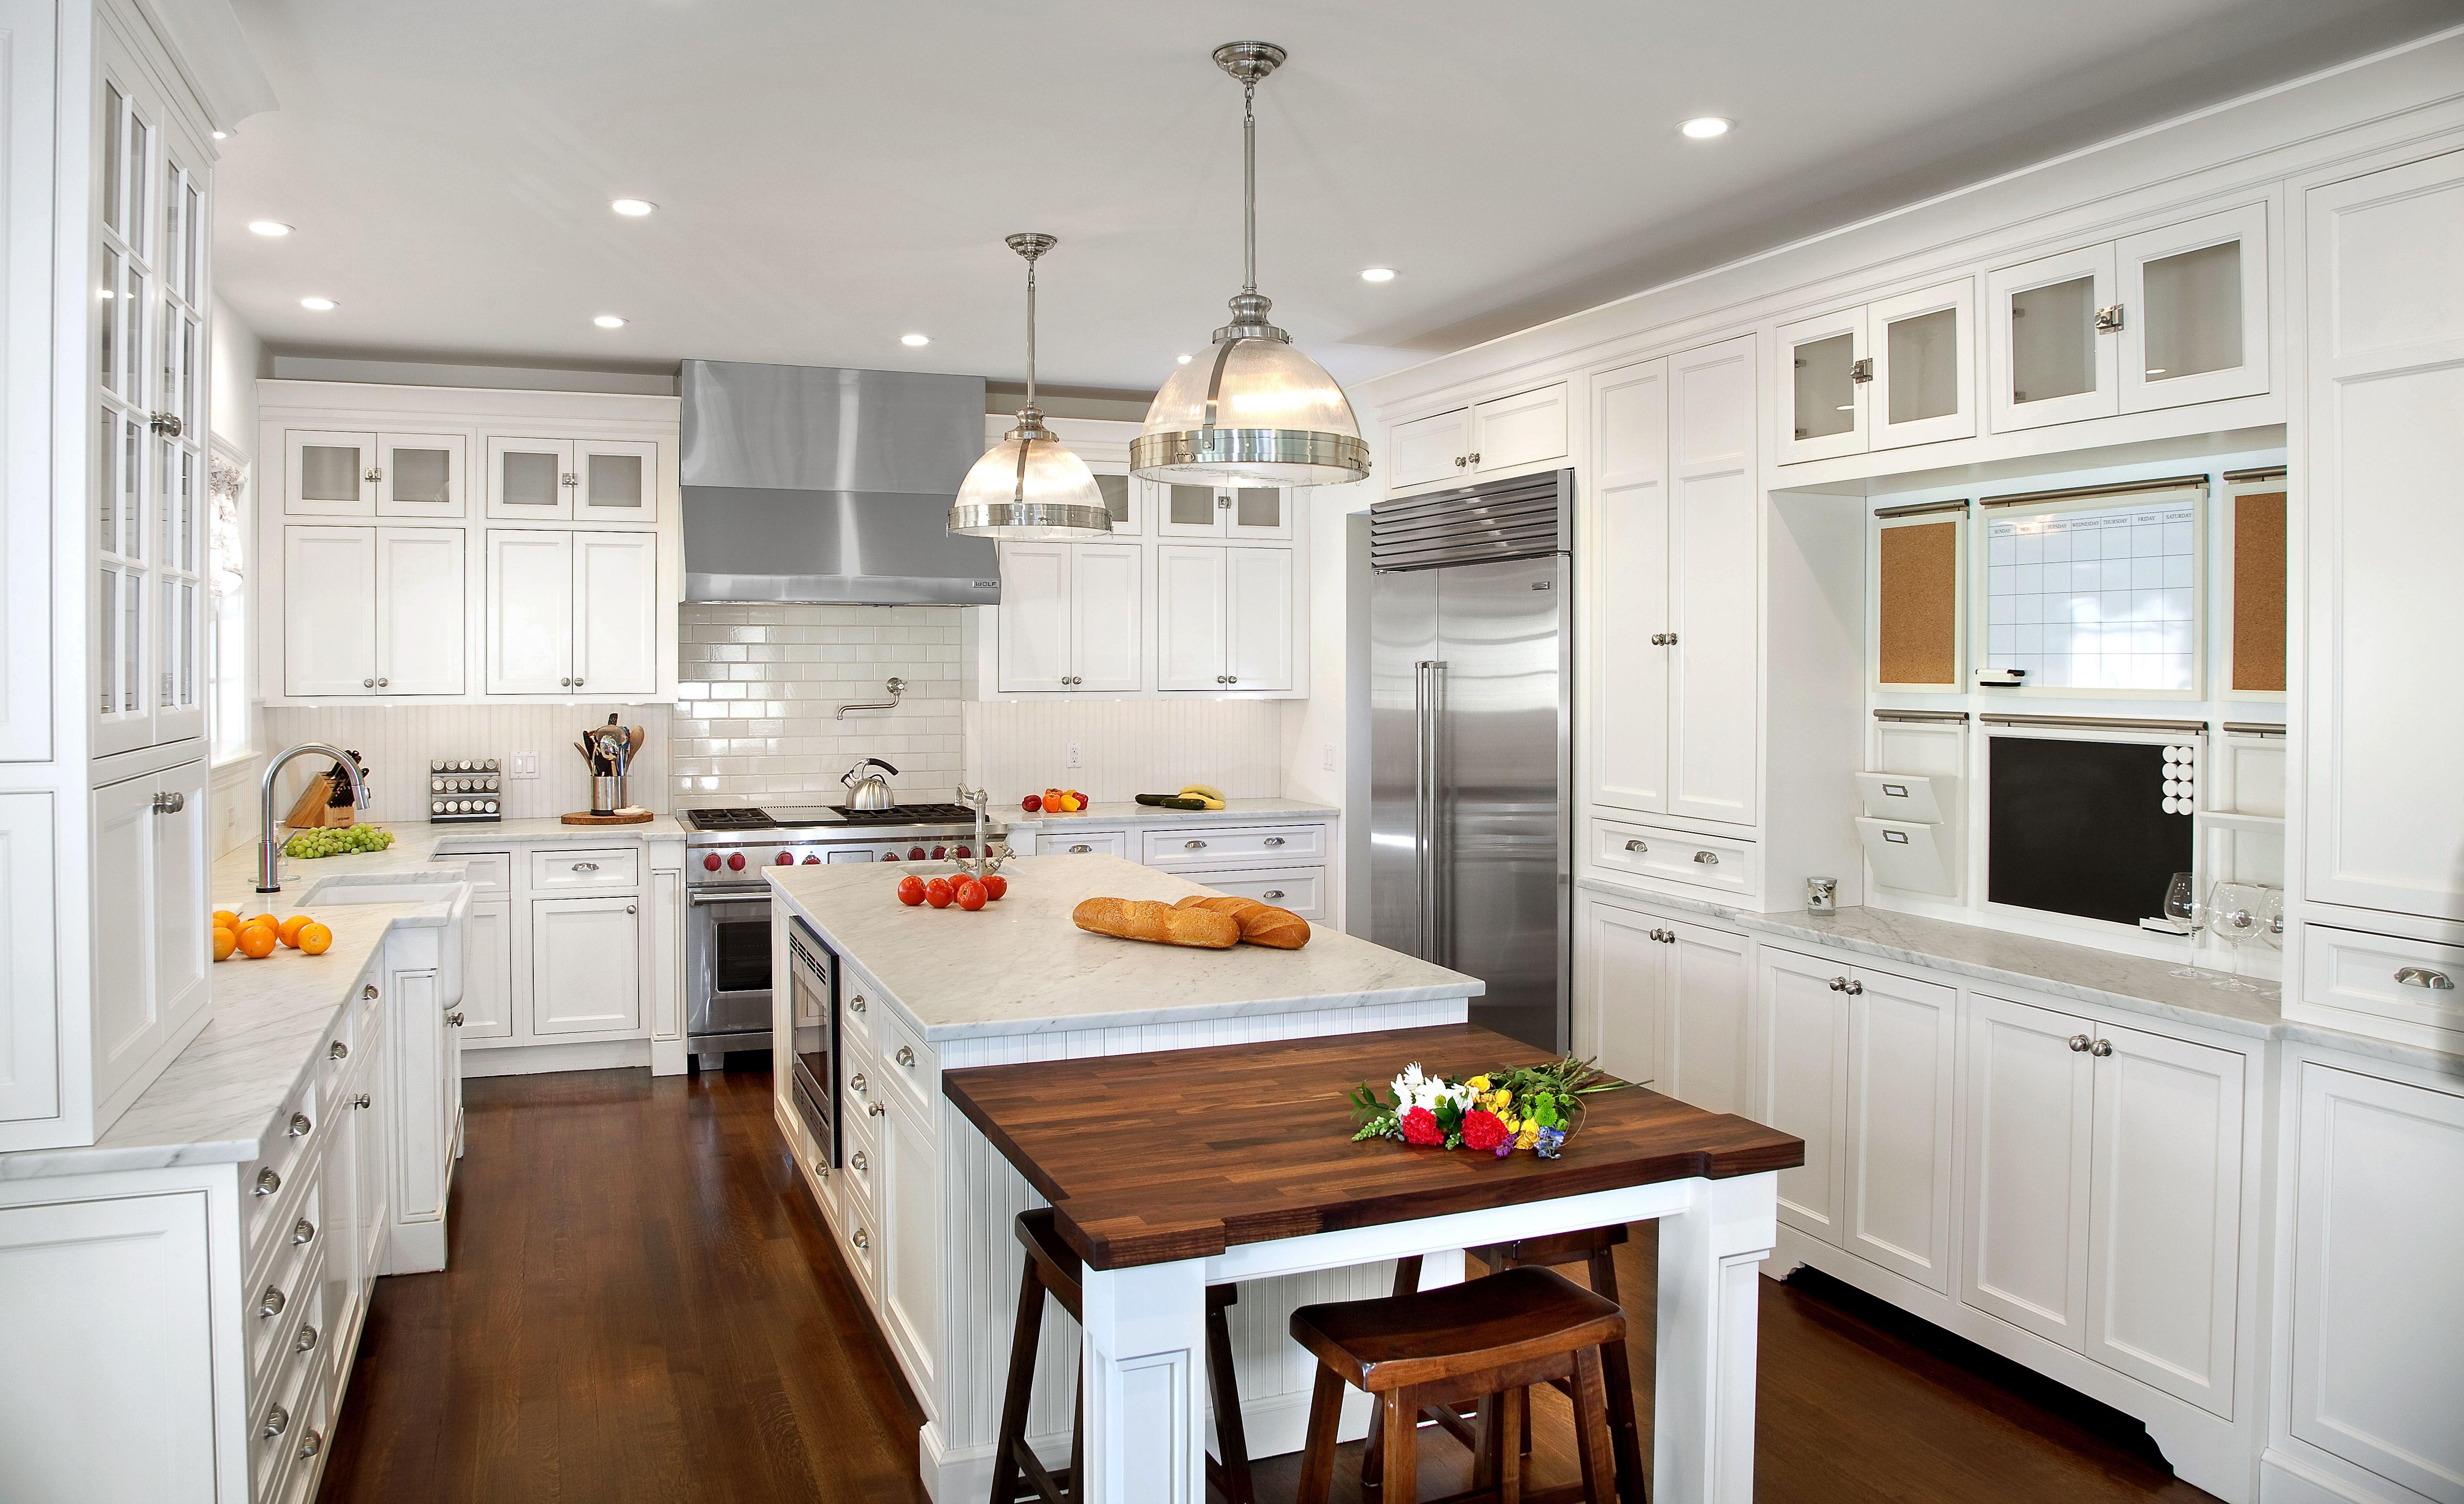 Ausgezeichnet Küche Designer Orange County Ny Fotos - Küchen Design ...